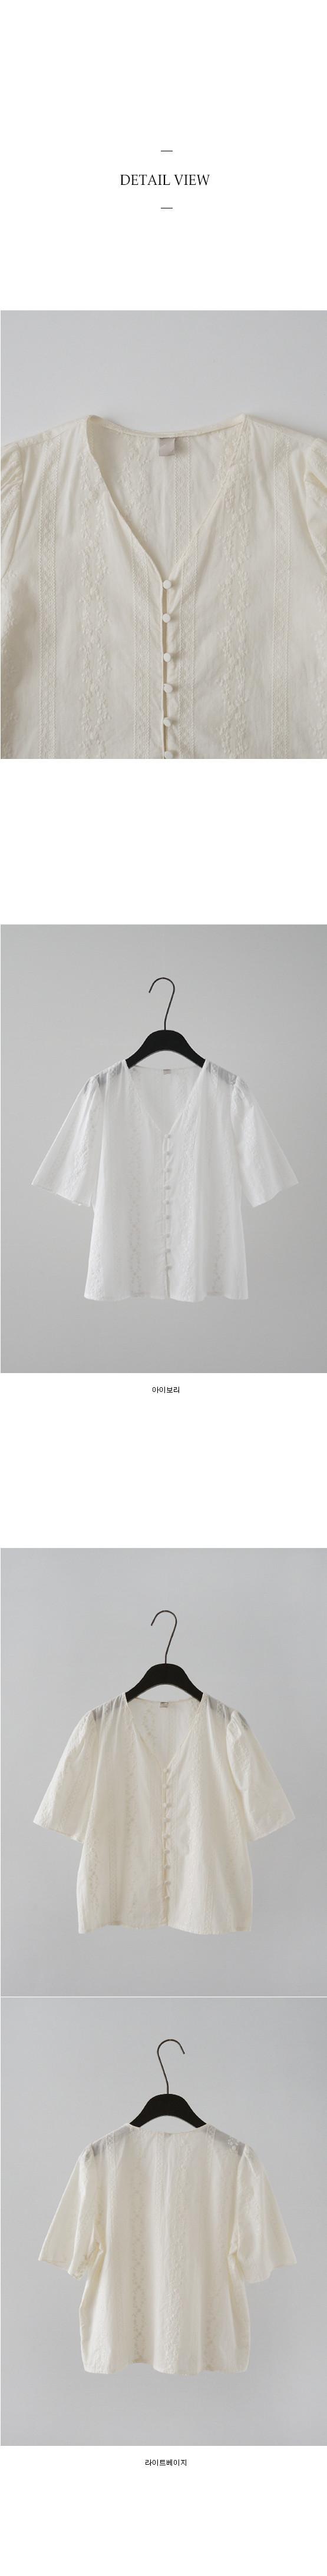 lace detail button blouse